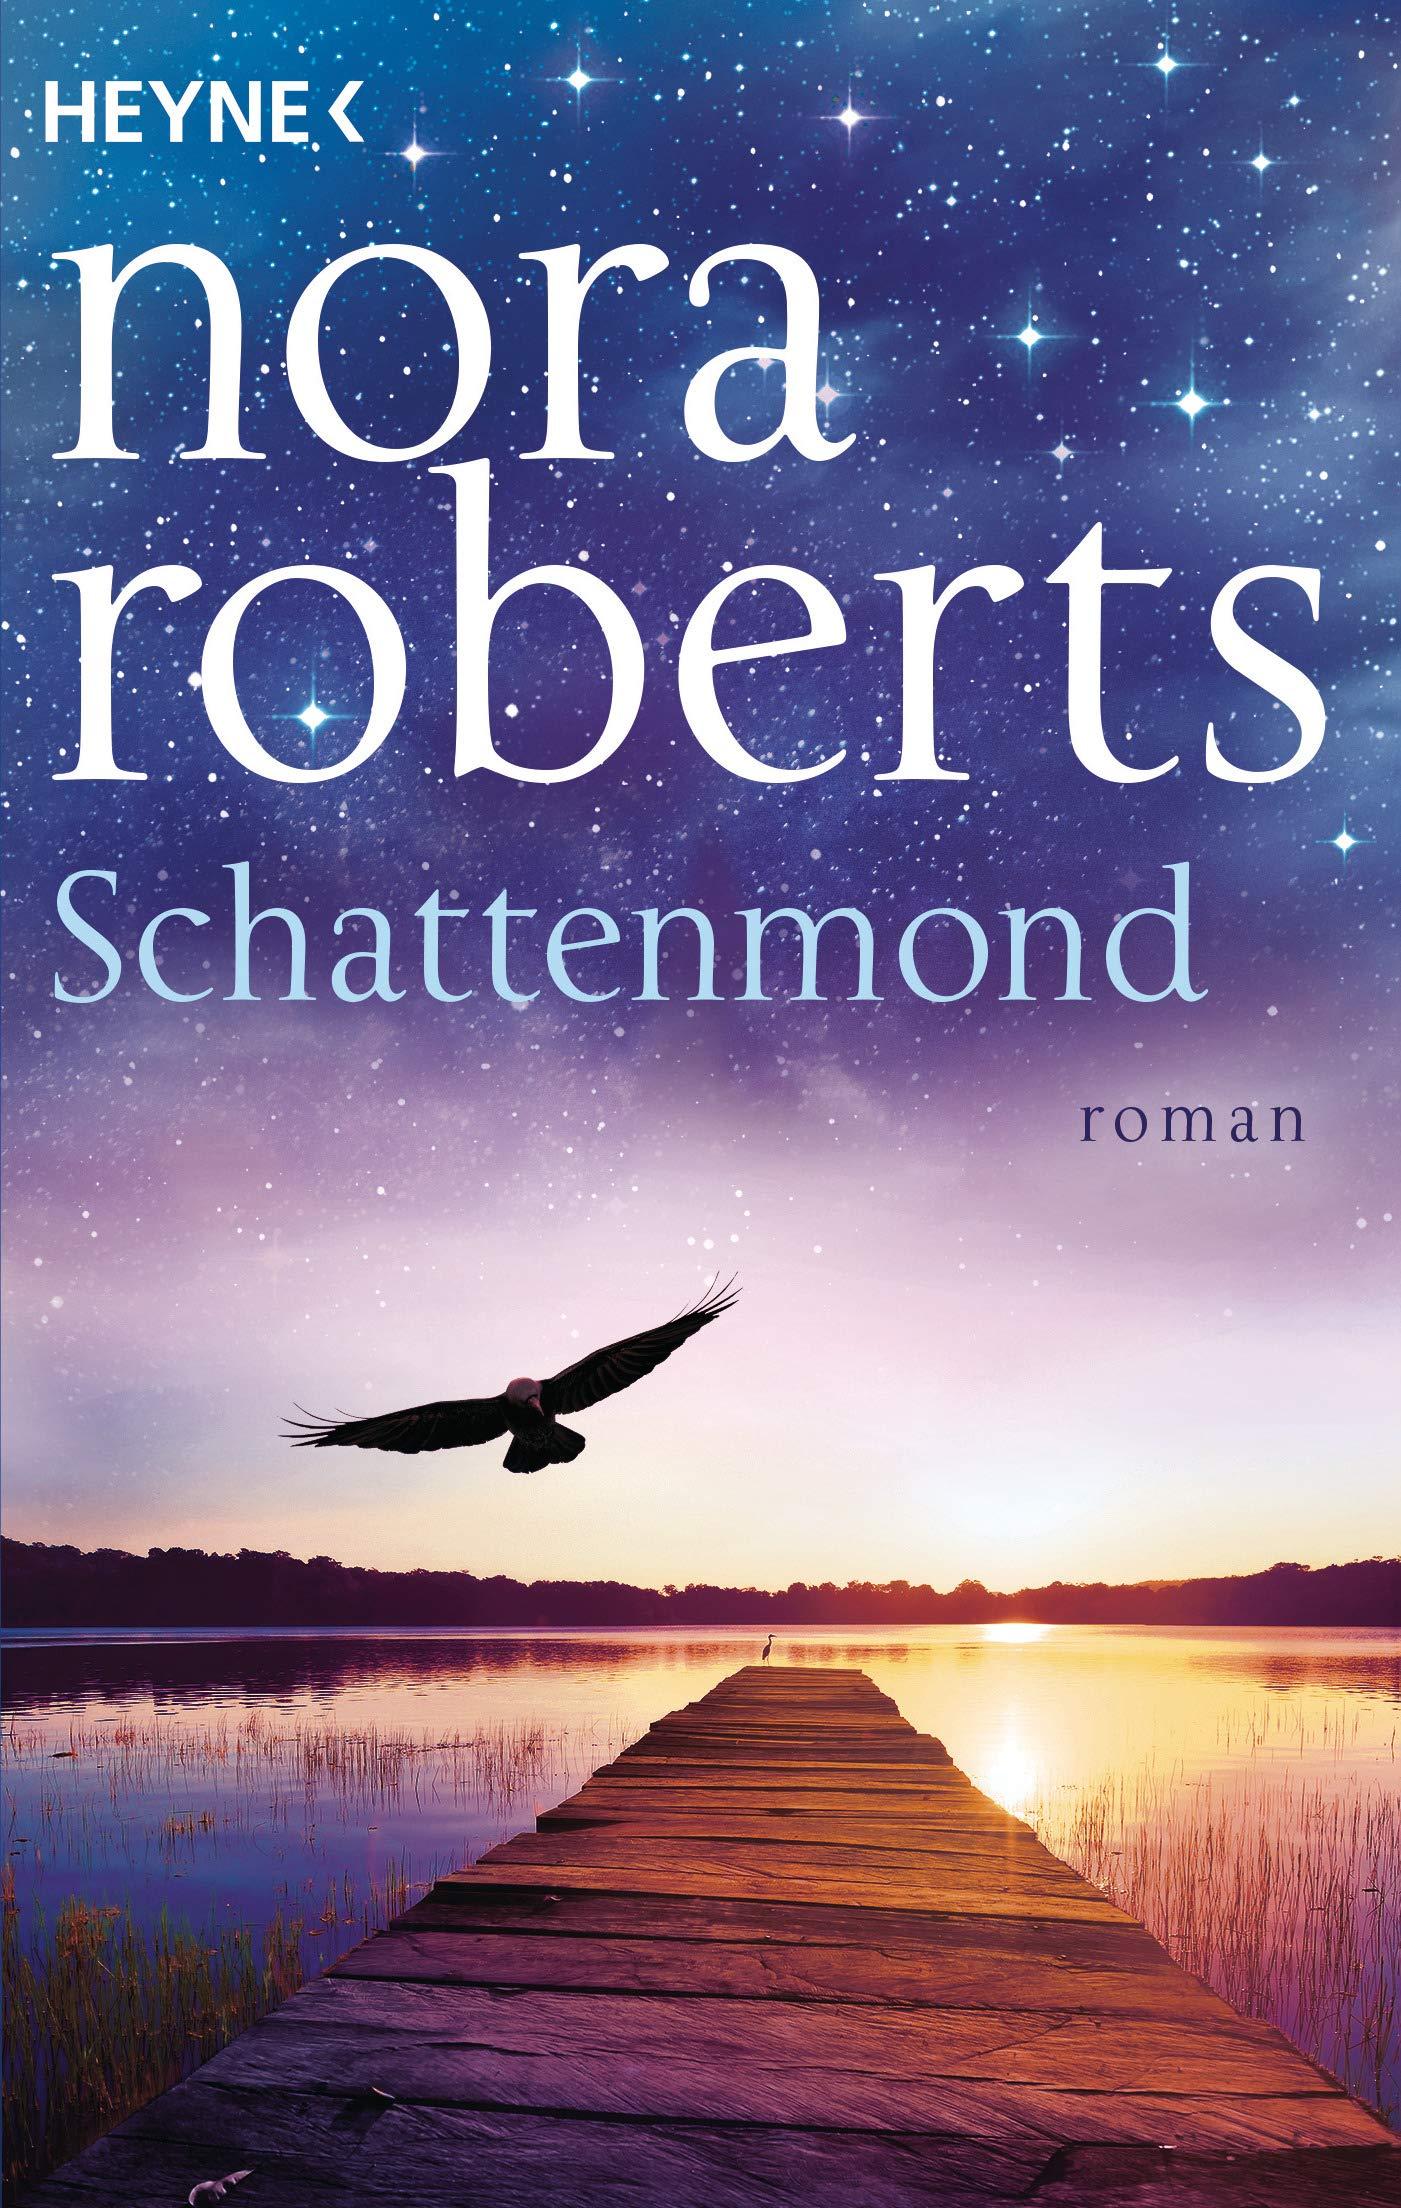 Schattenmond: Roman (Die Schatten-Trilogie, Band 1) Taschenbuch – 13. August 2018 Nora Roberts Heinz Tophinke Heyne Verlag 3453422503